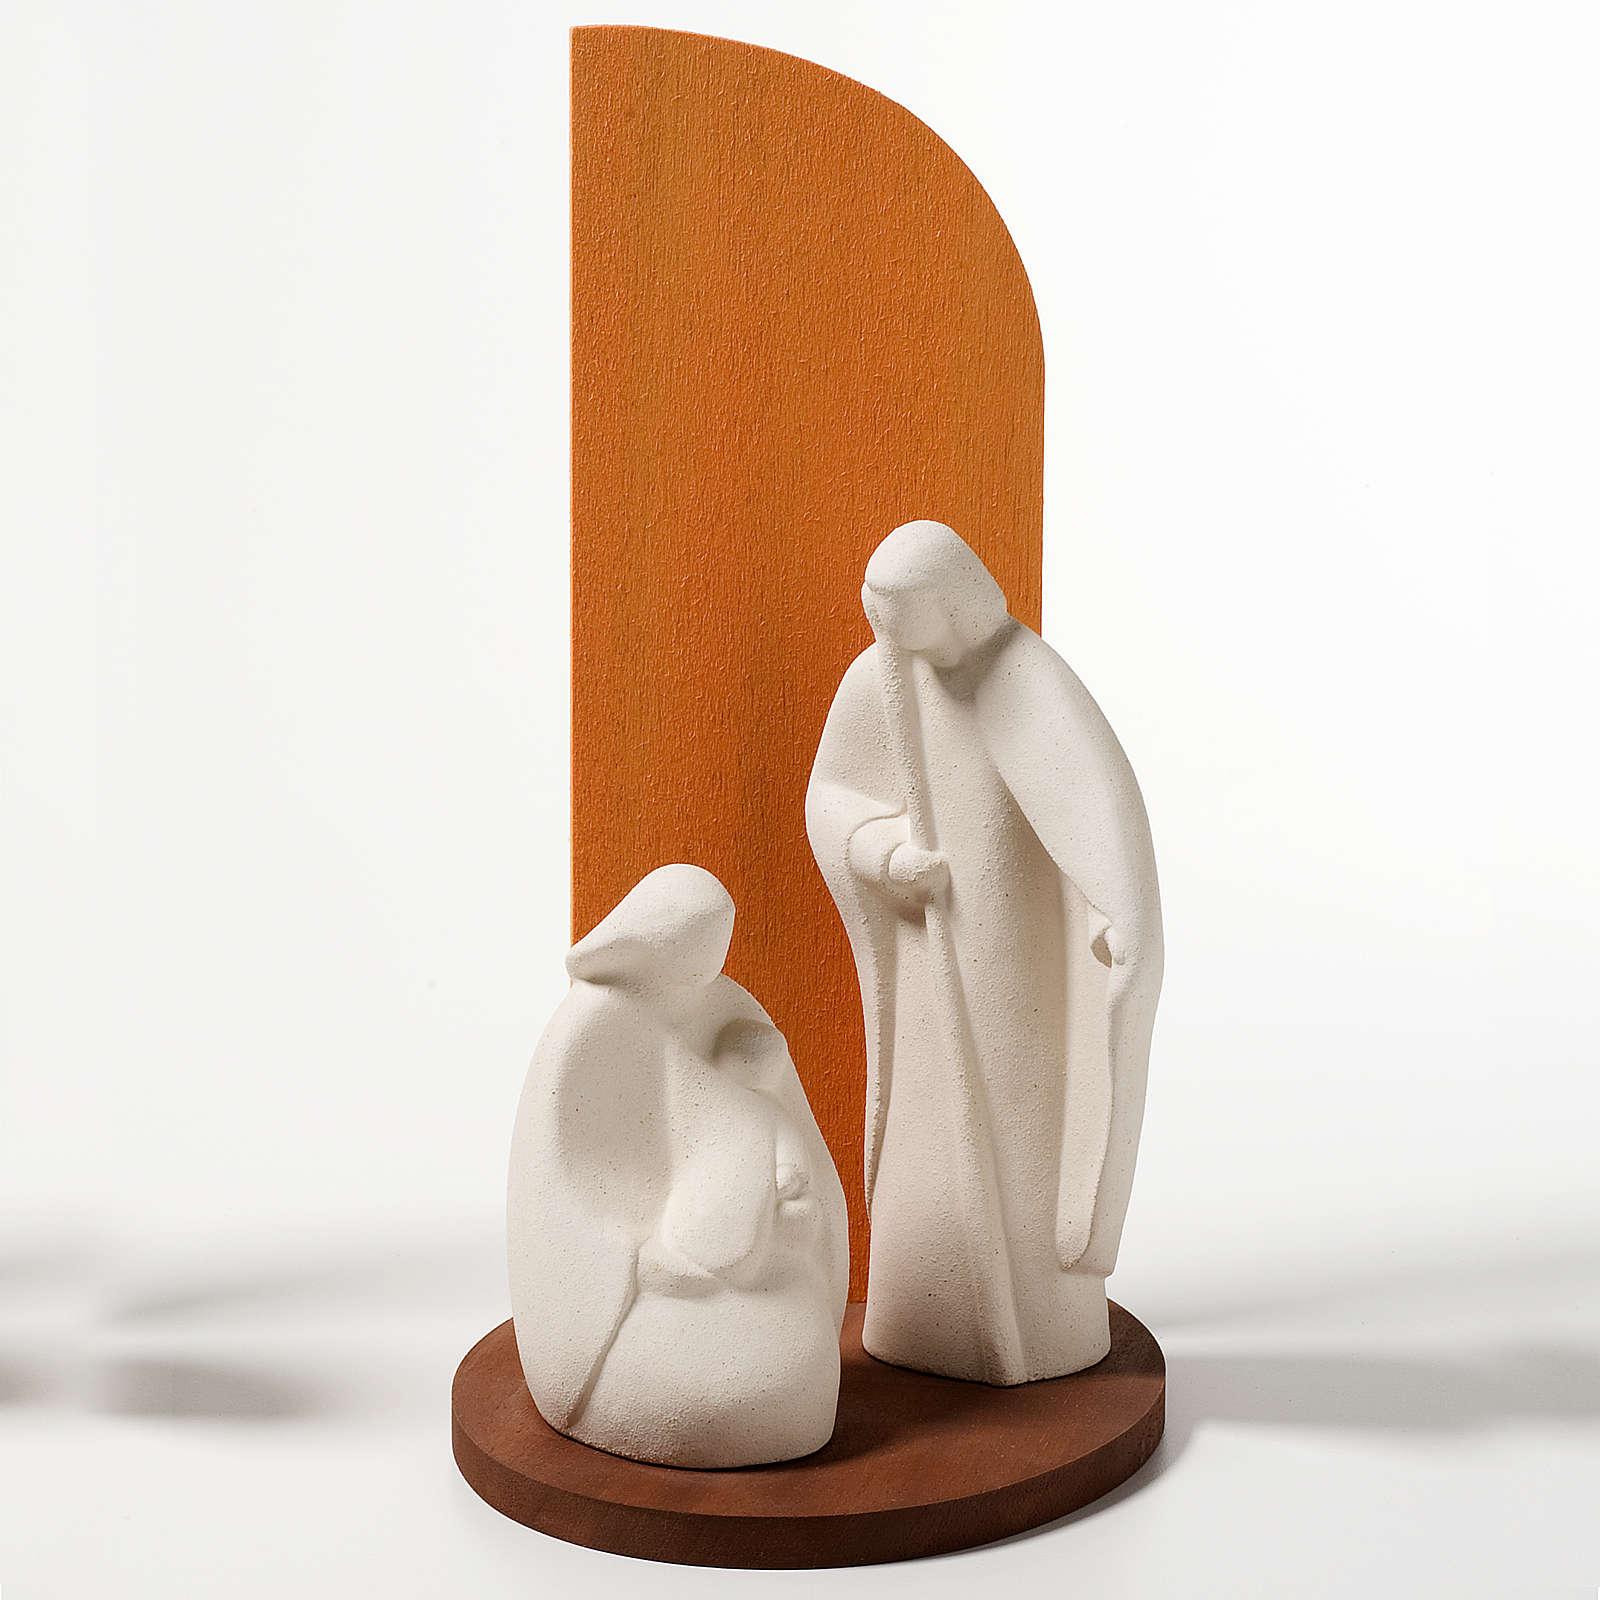 Presepe Noel argilla refrattaria legno arancio 28 cm 4